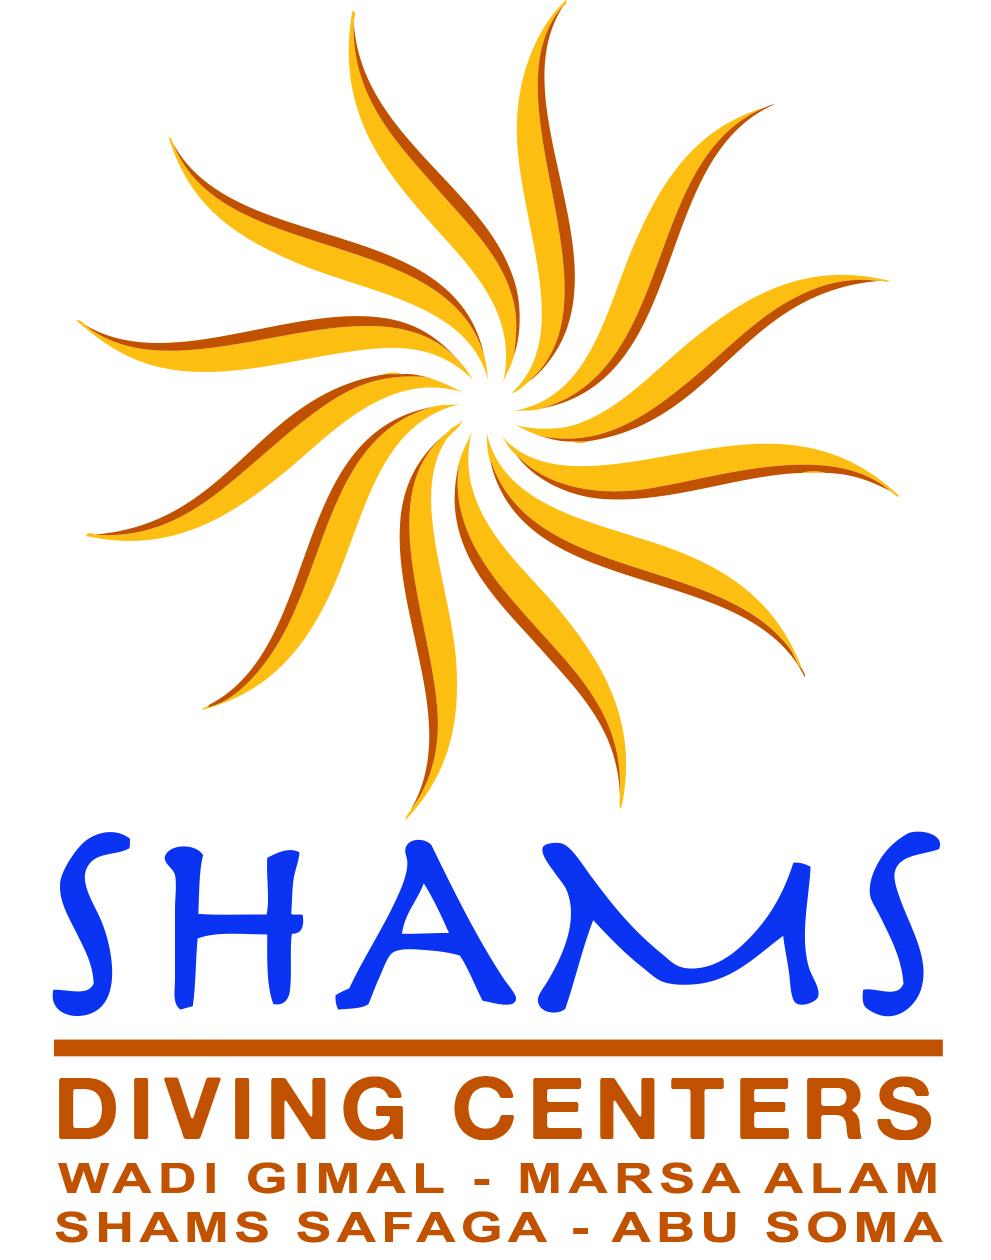 Wadi Gimal Diving Center, Marsa Alam, Egypt